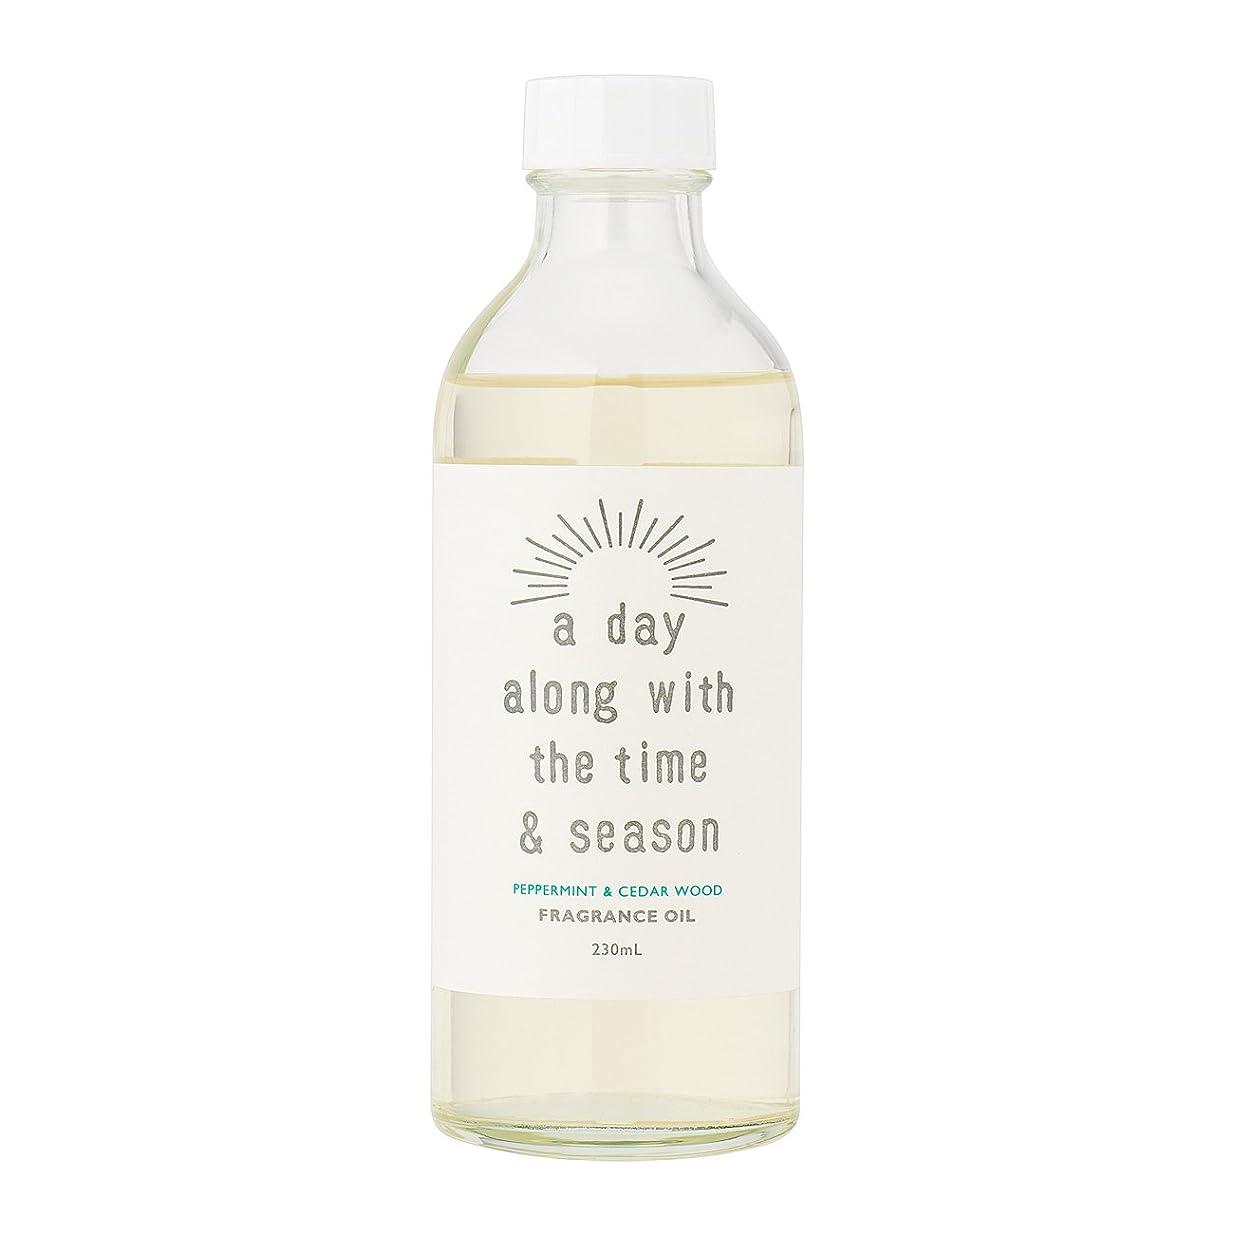 デクリメント毎日弱点アデイ(a day) リードディフューザー リフィル ペパーミント&シダーウッド 230ml(芳香剤 詰め替え用 清涼感たっぷりのペパーミントにとてもまろやかな甘みのシダーウッドをあわせた香り)